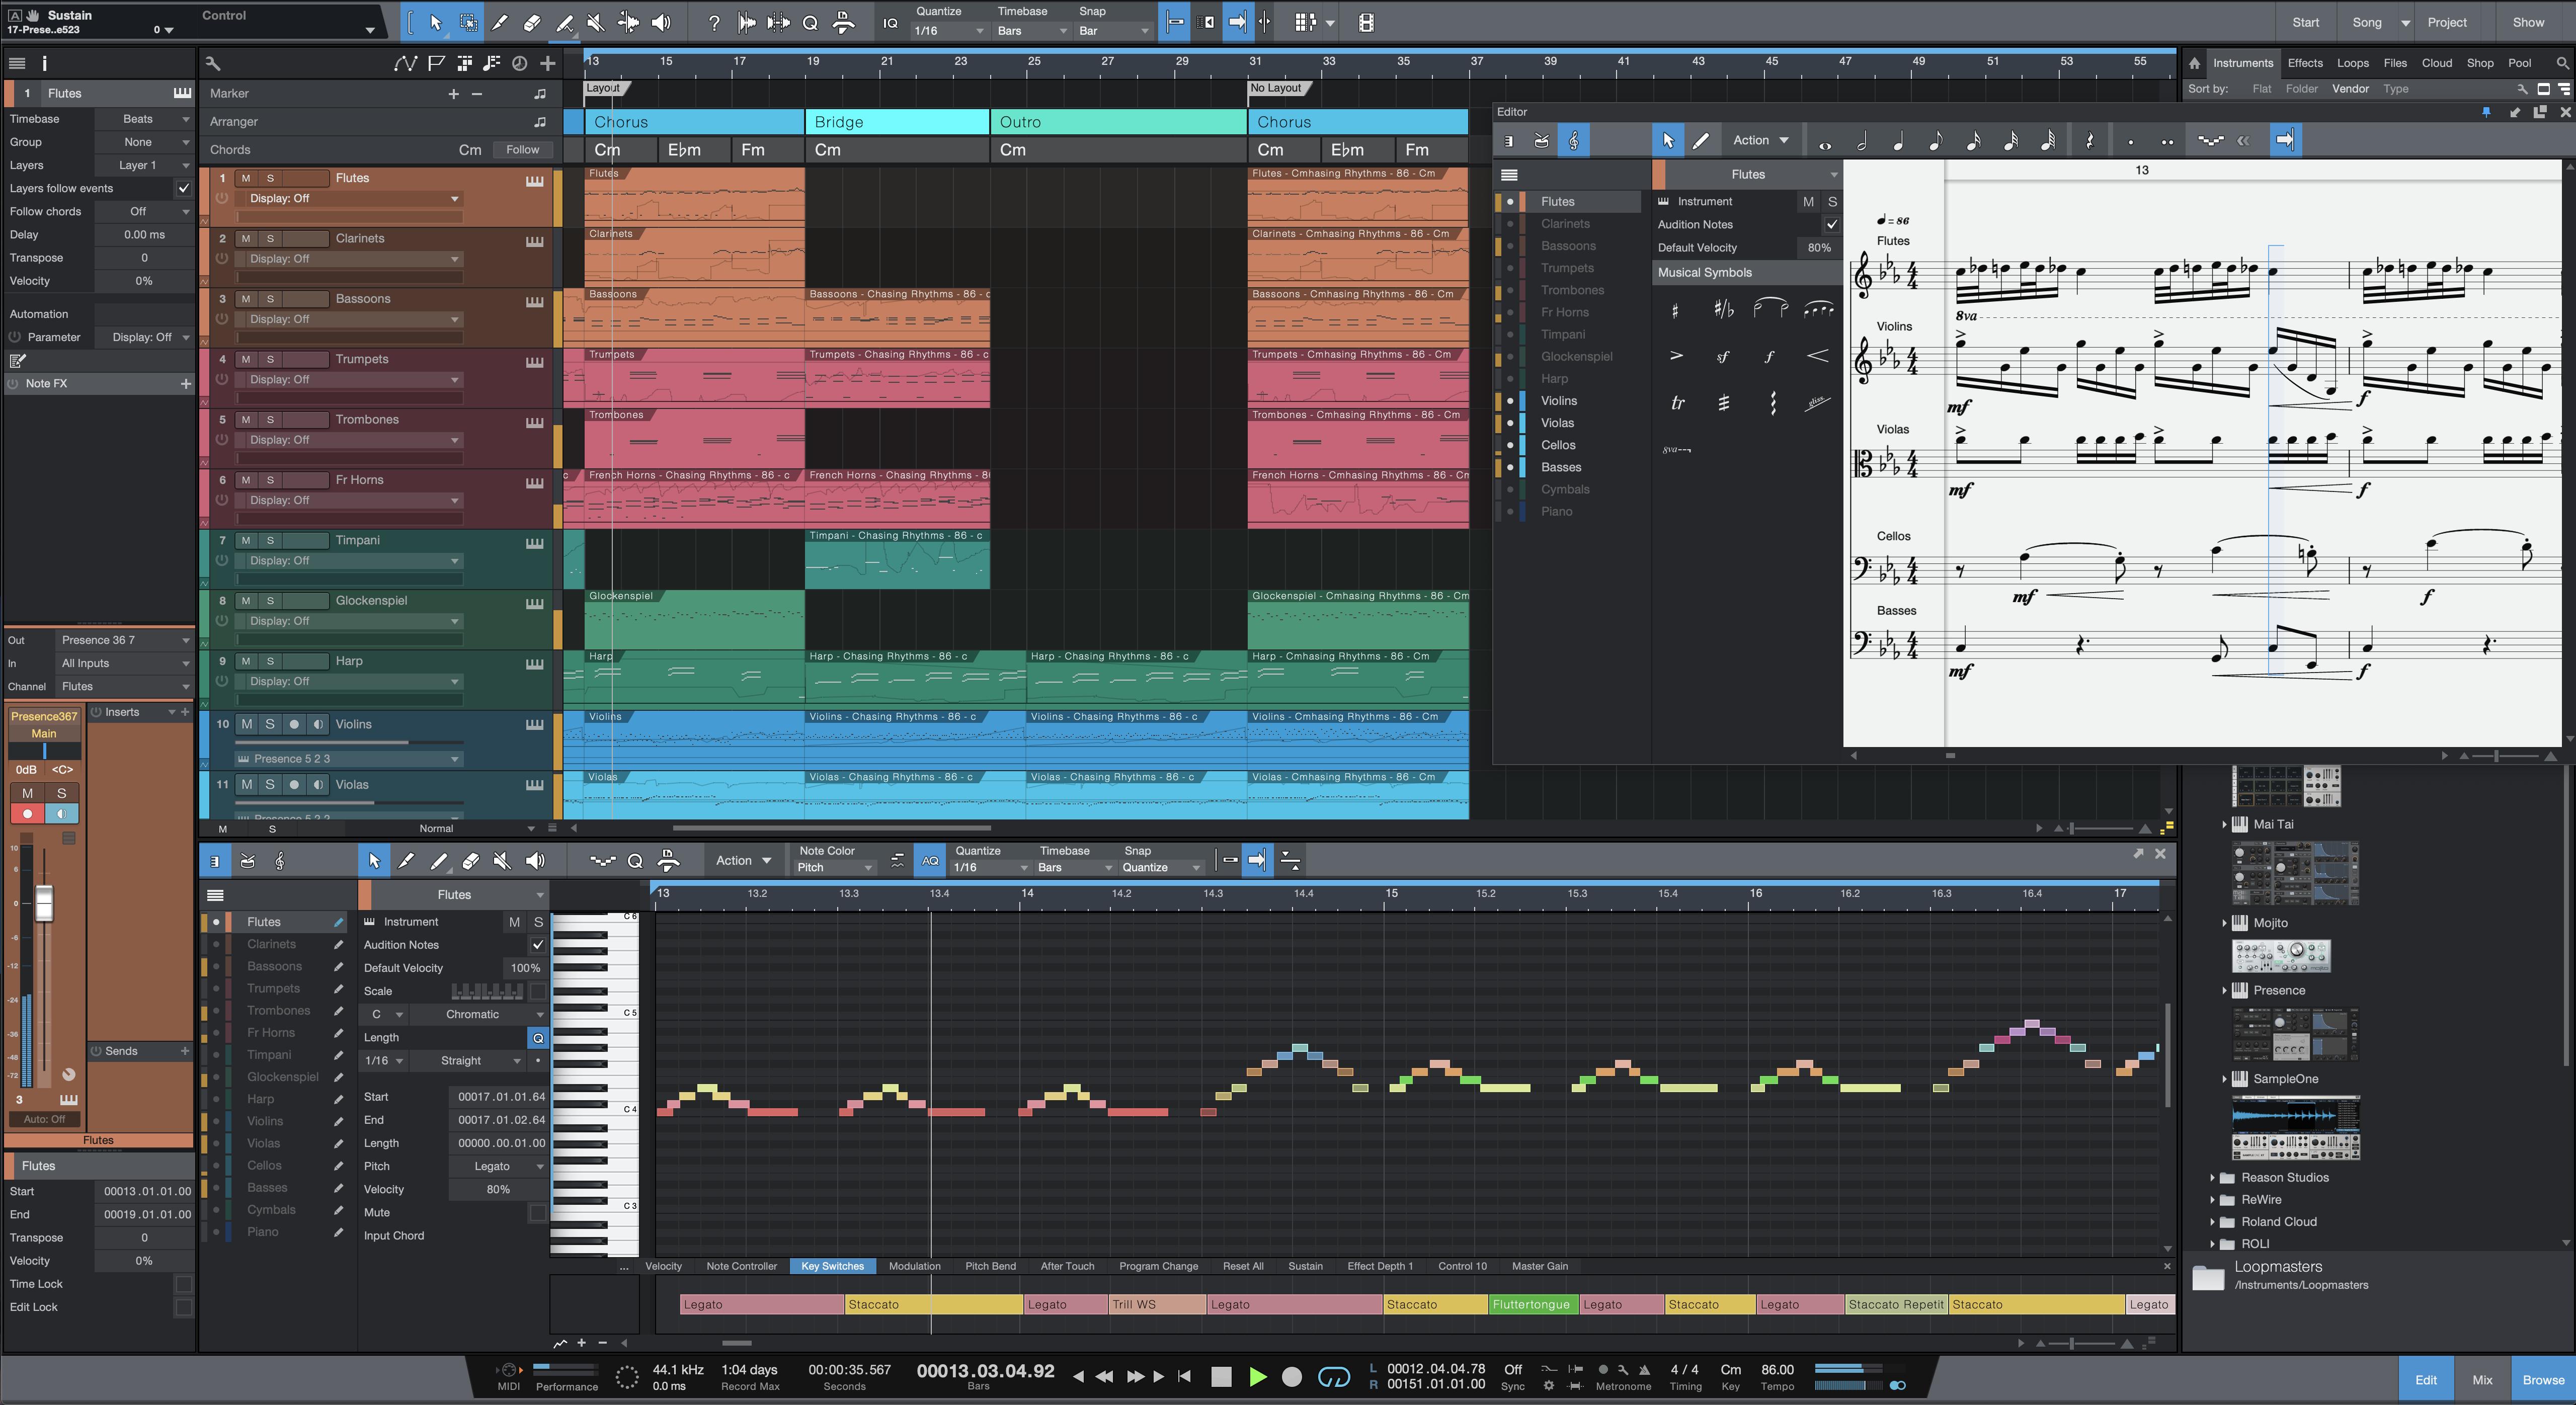 2-Studio One 5 Pro NEW Score View